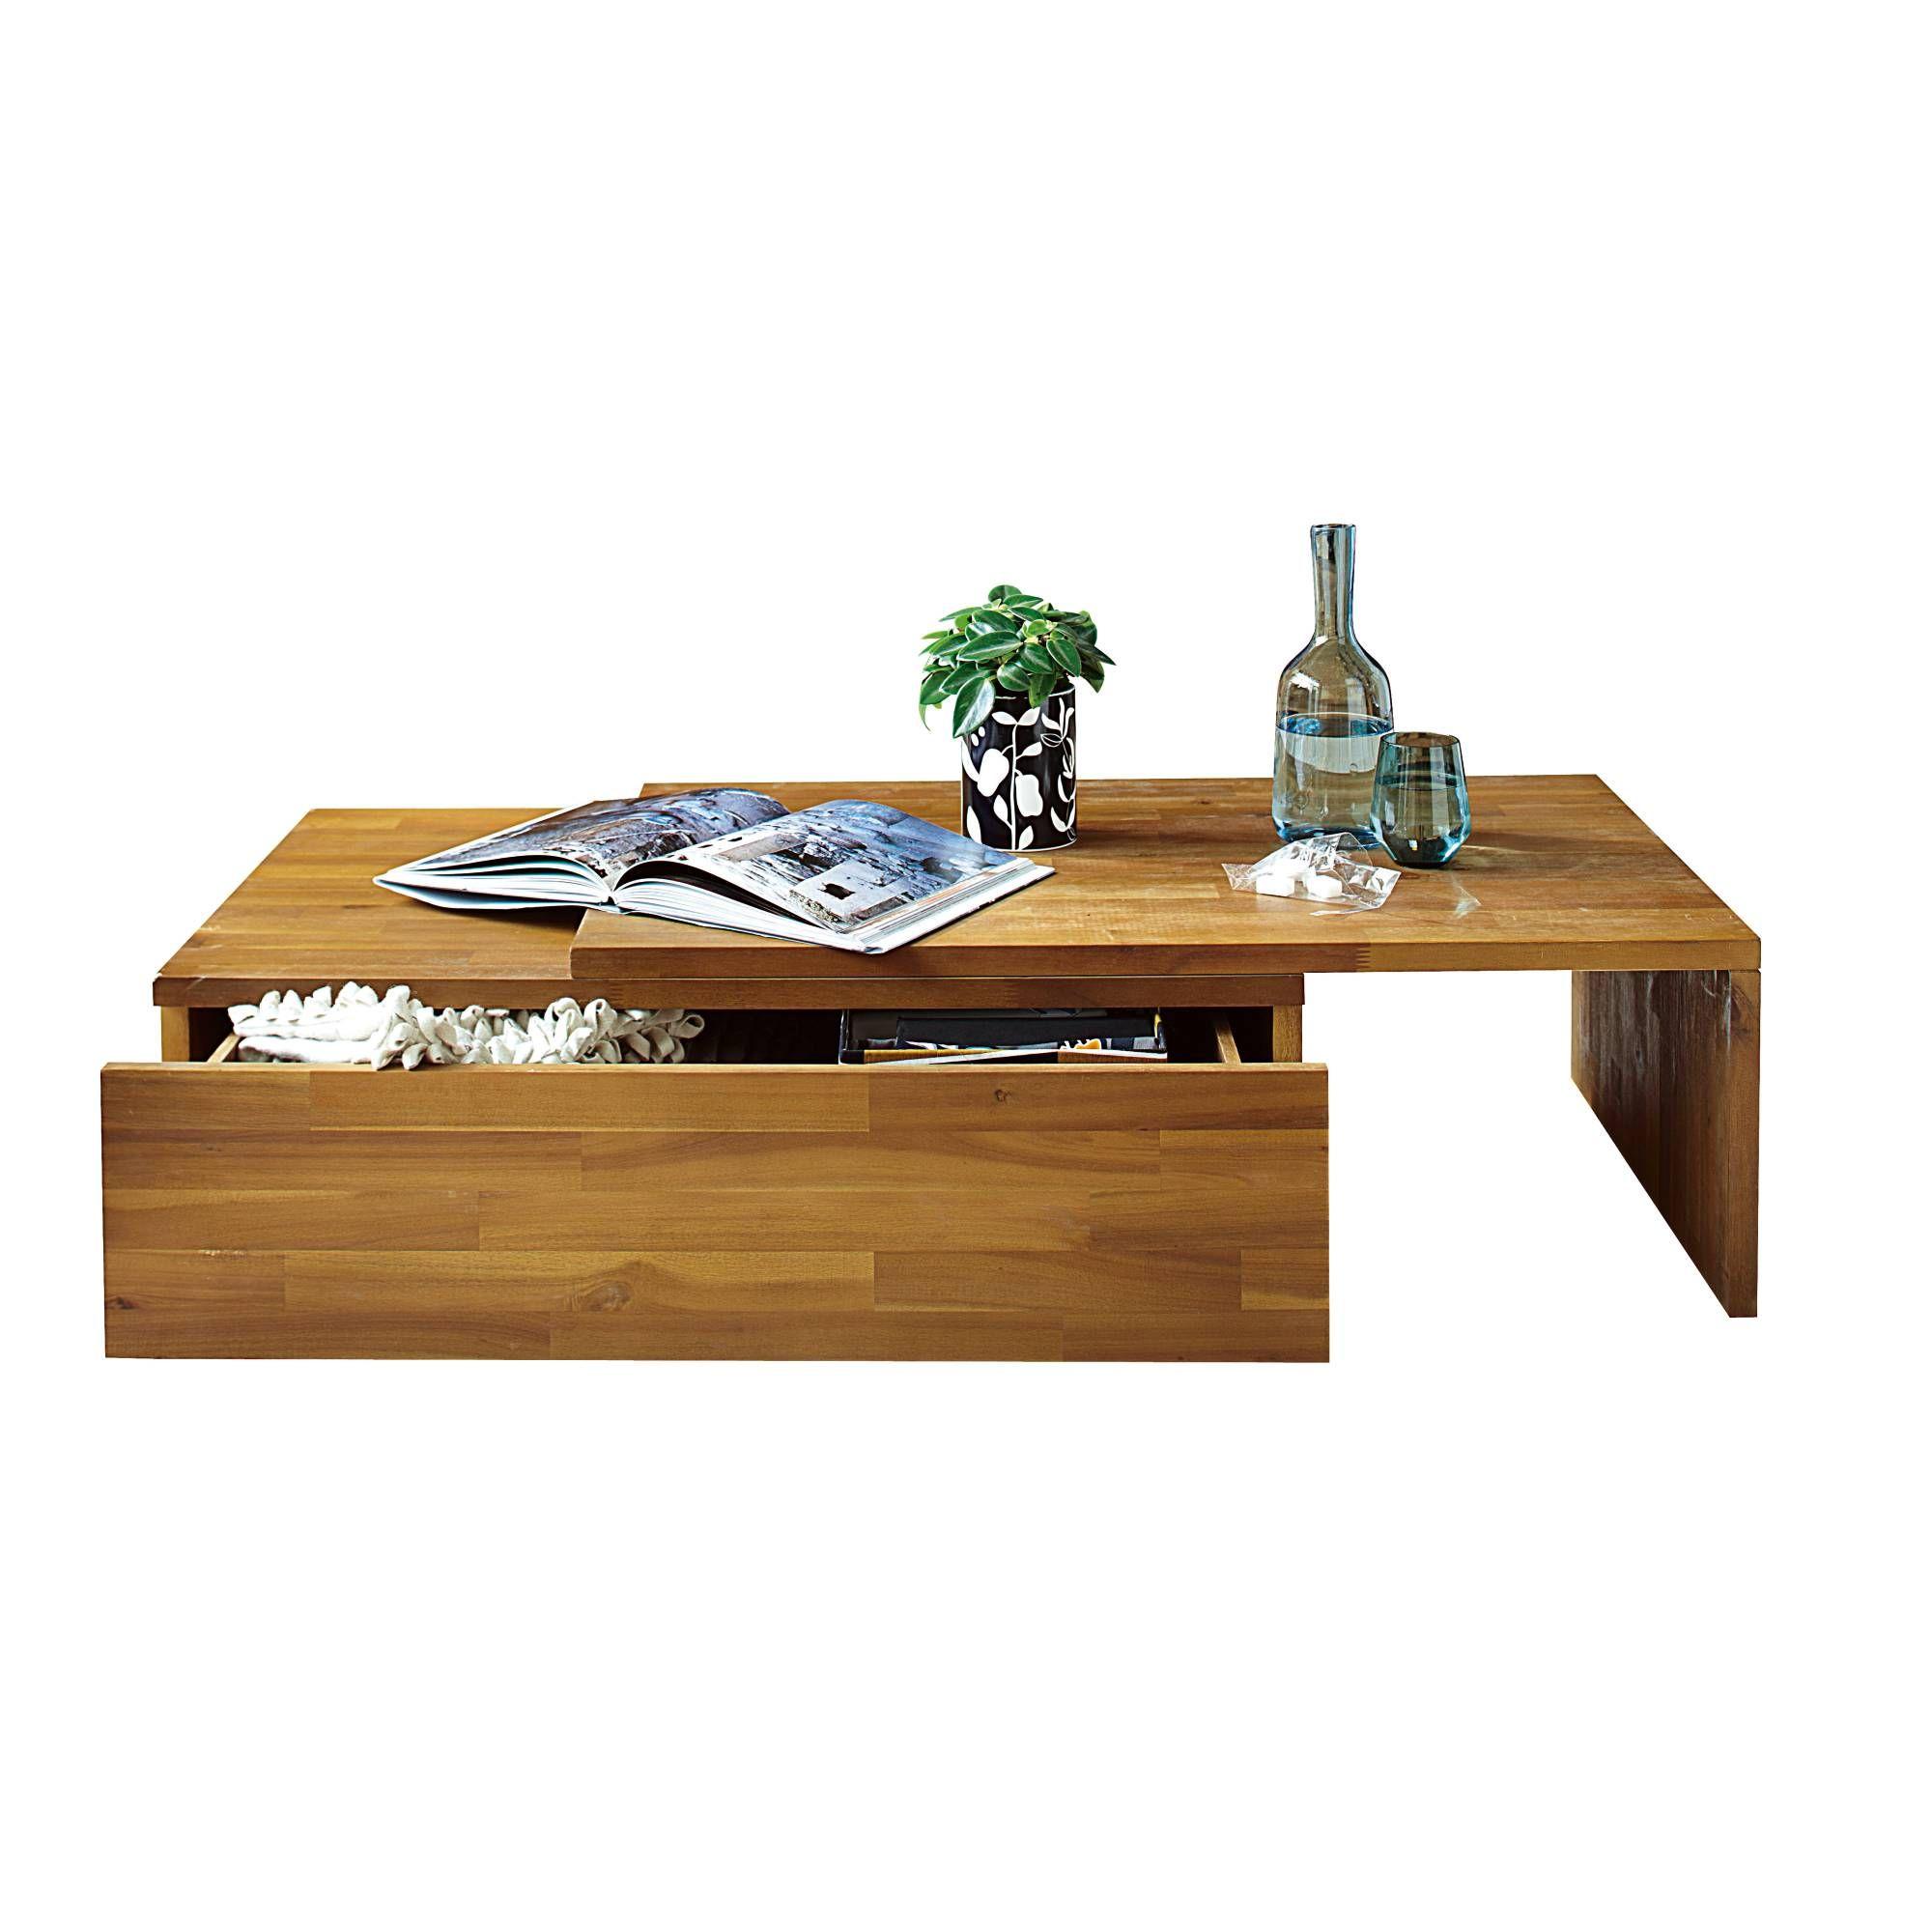 df1d1565e0c9087f7d23fb687af096cf Luxe De Table Basse Blanche Laquee Des Idées